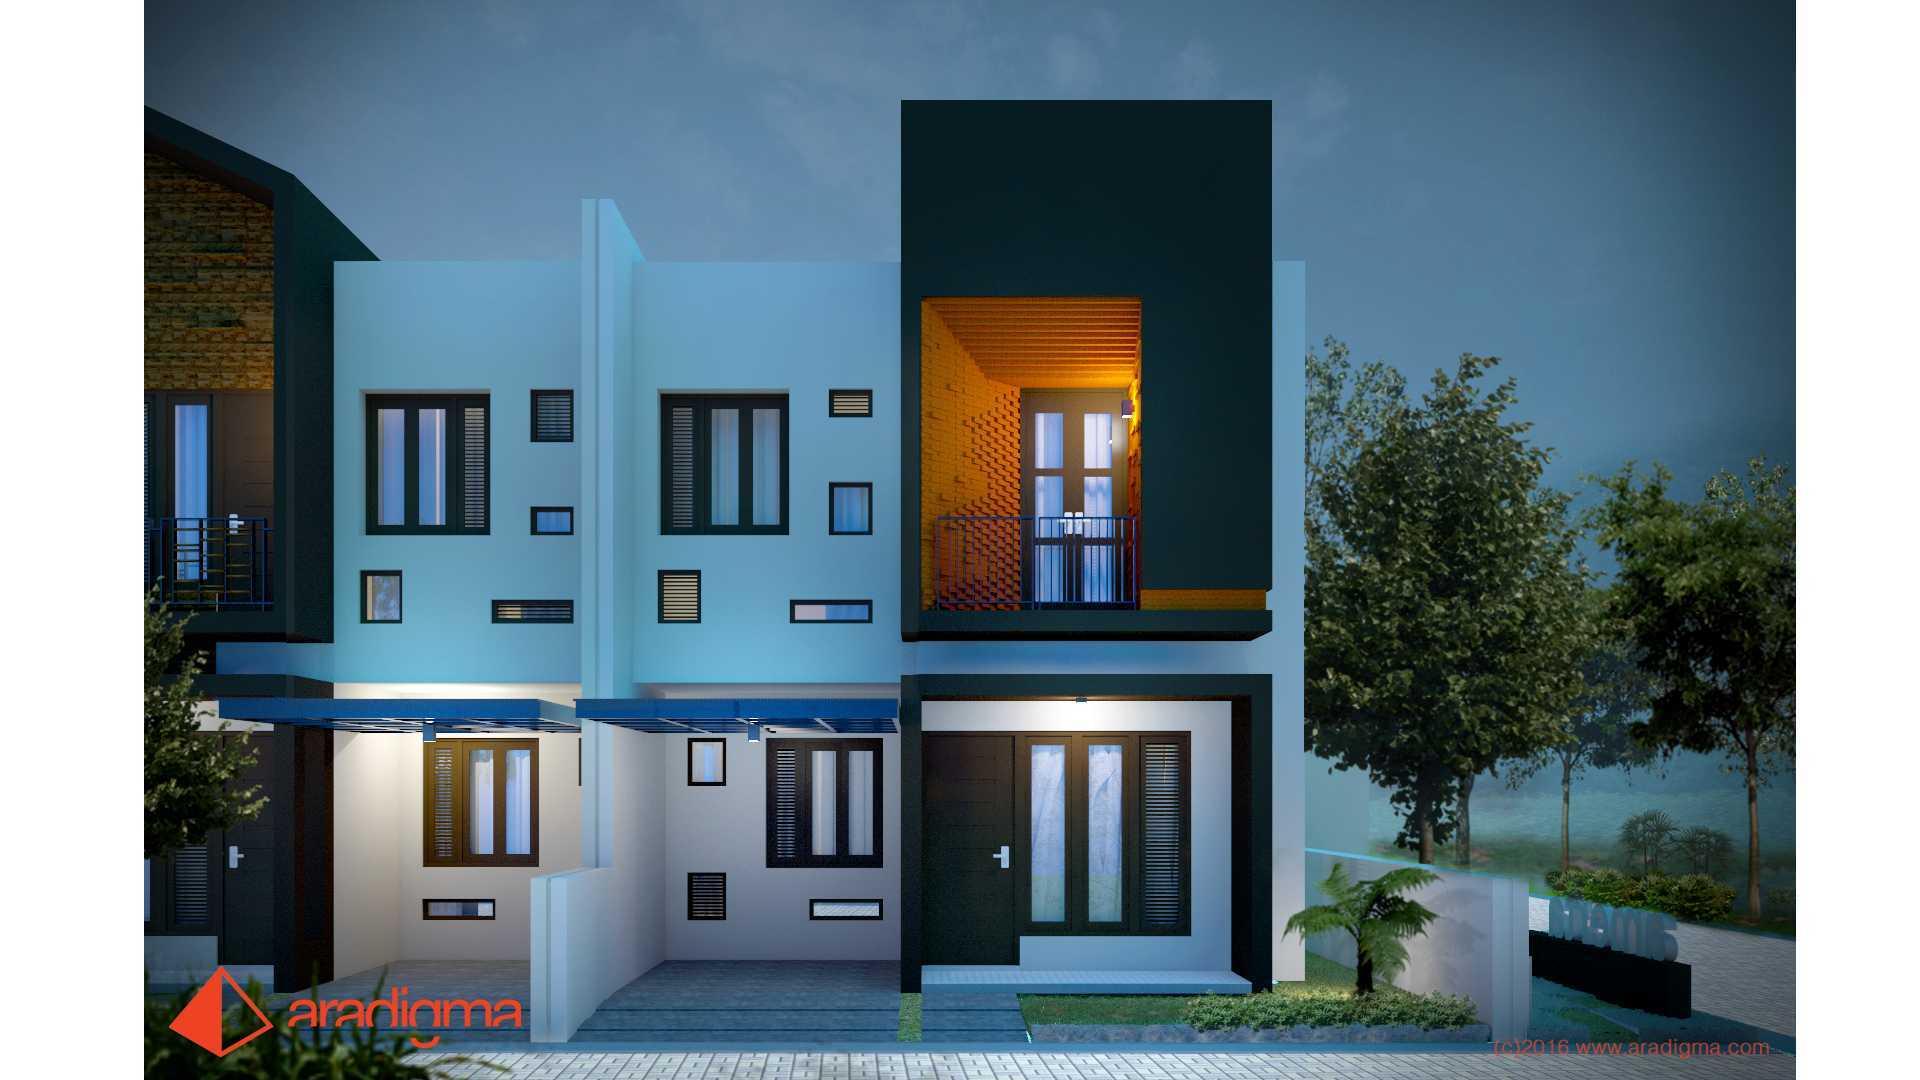 Aradigma Rumah Bima Malang Malang Front View Tropis,minimalis,kontemporer <P>Desain Menarik Dengan Permainan Bidang, Massa Bangunan Dan Material</p> 20103